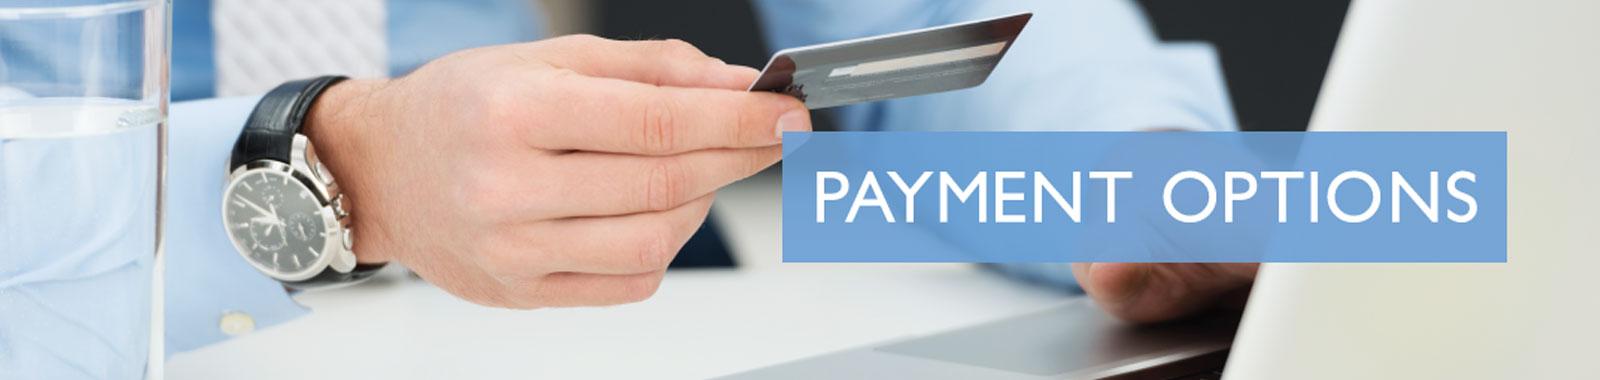 Payment Options | La Esperanza Travels